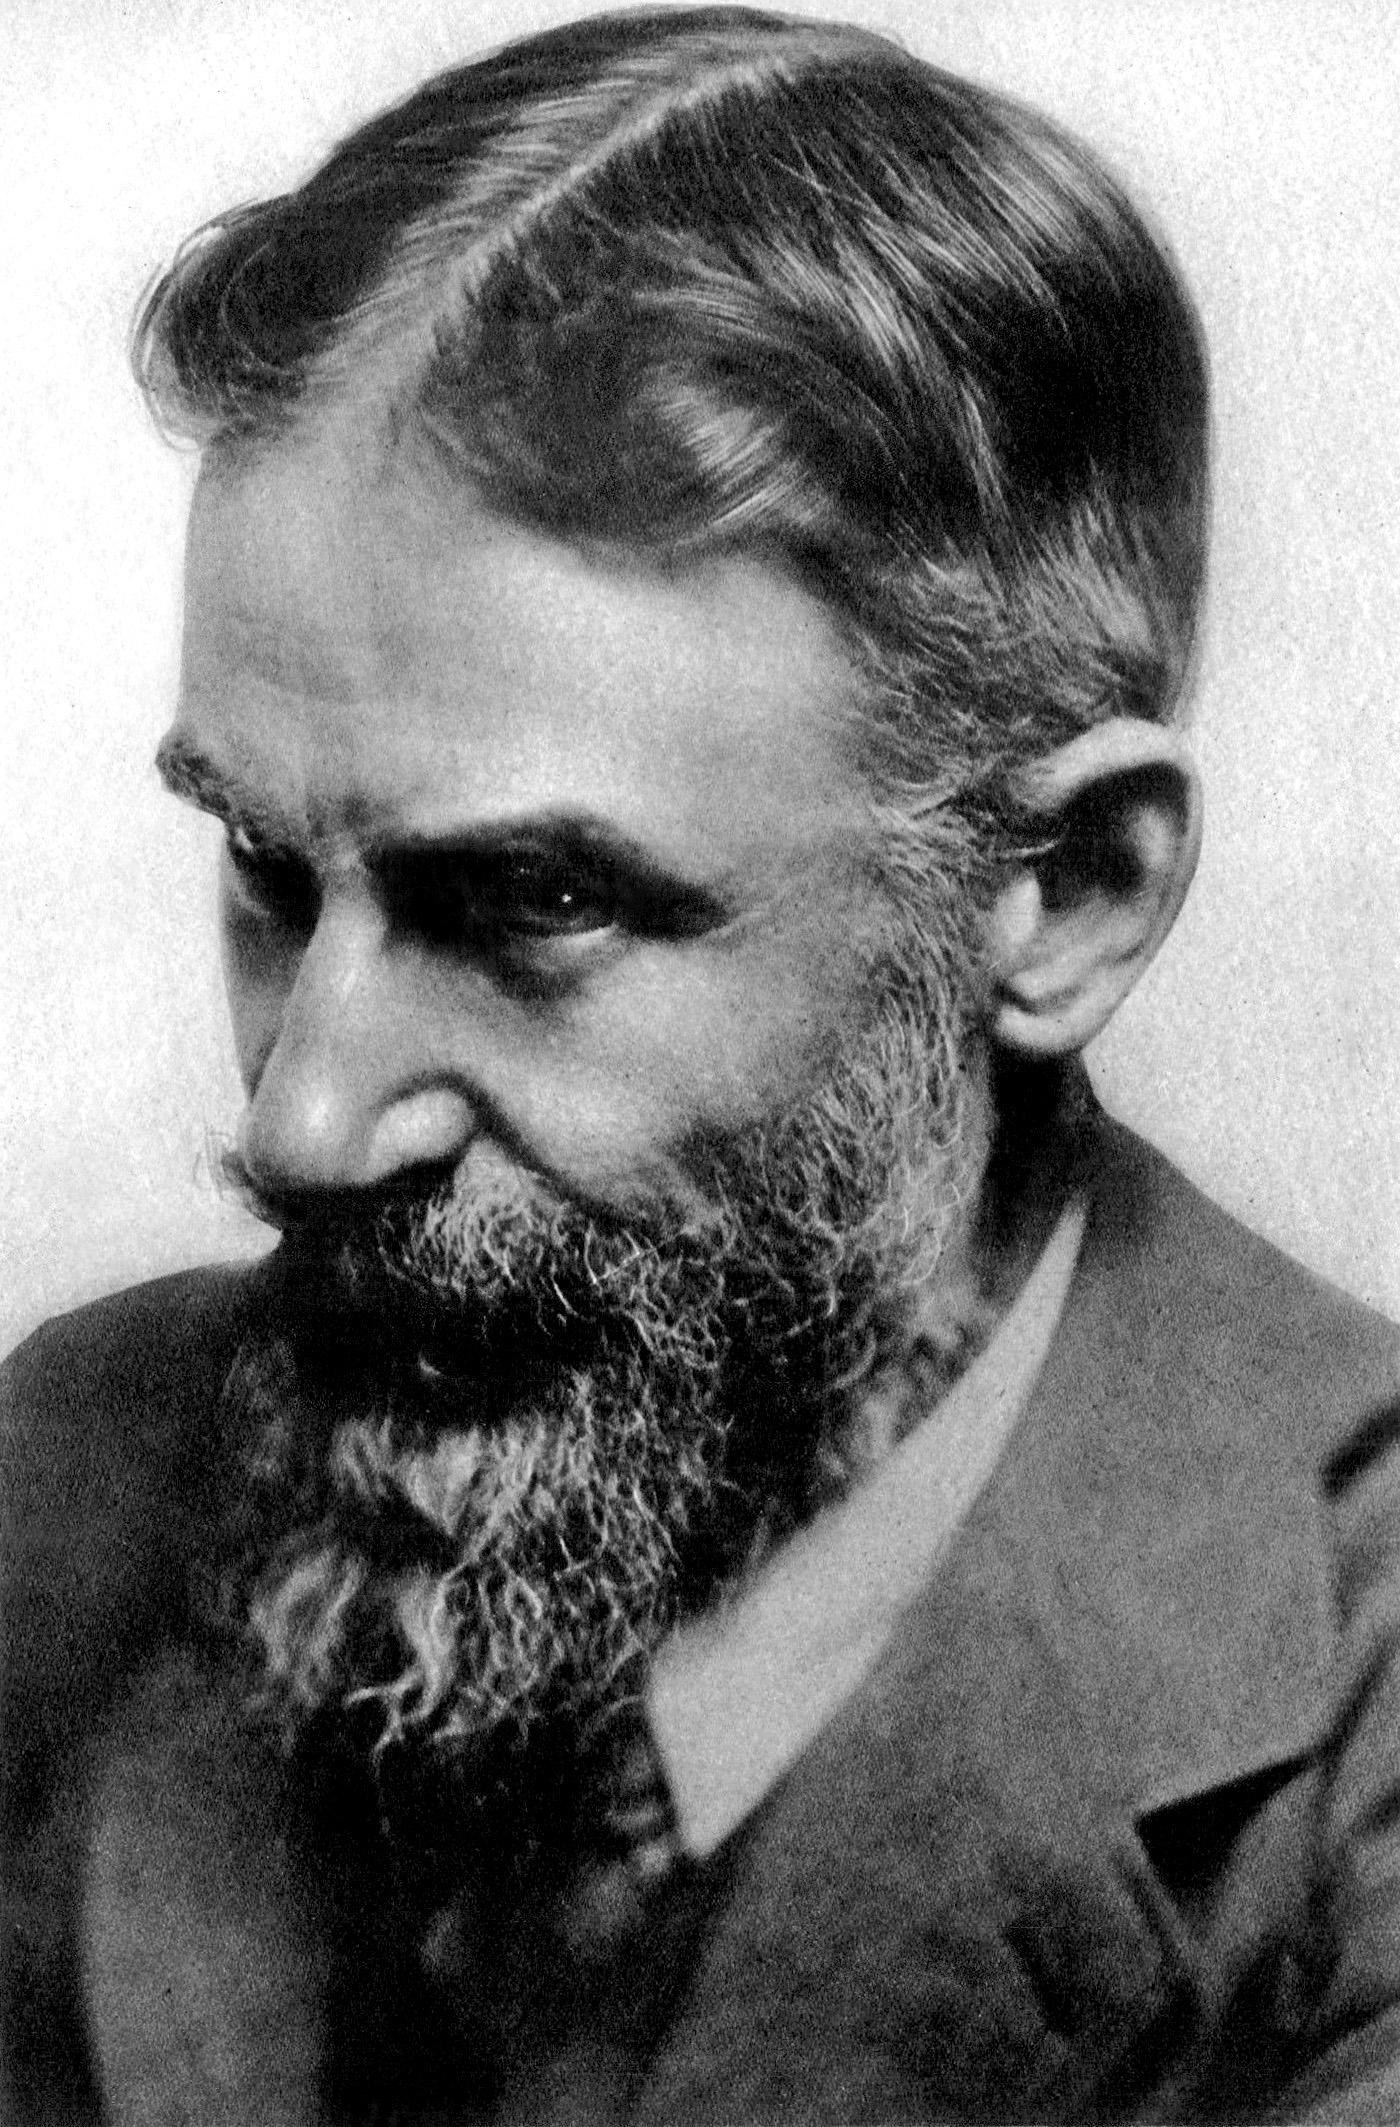 georg bernhard shaw